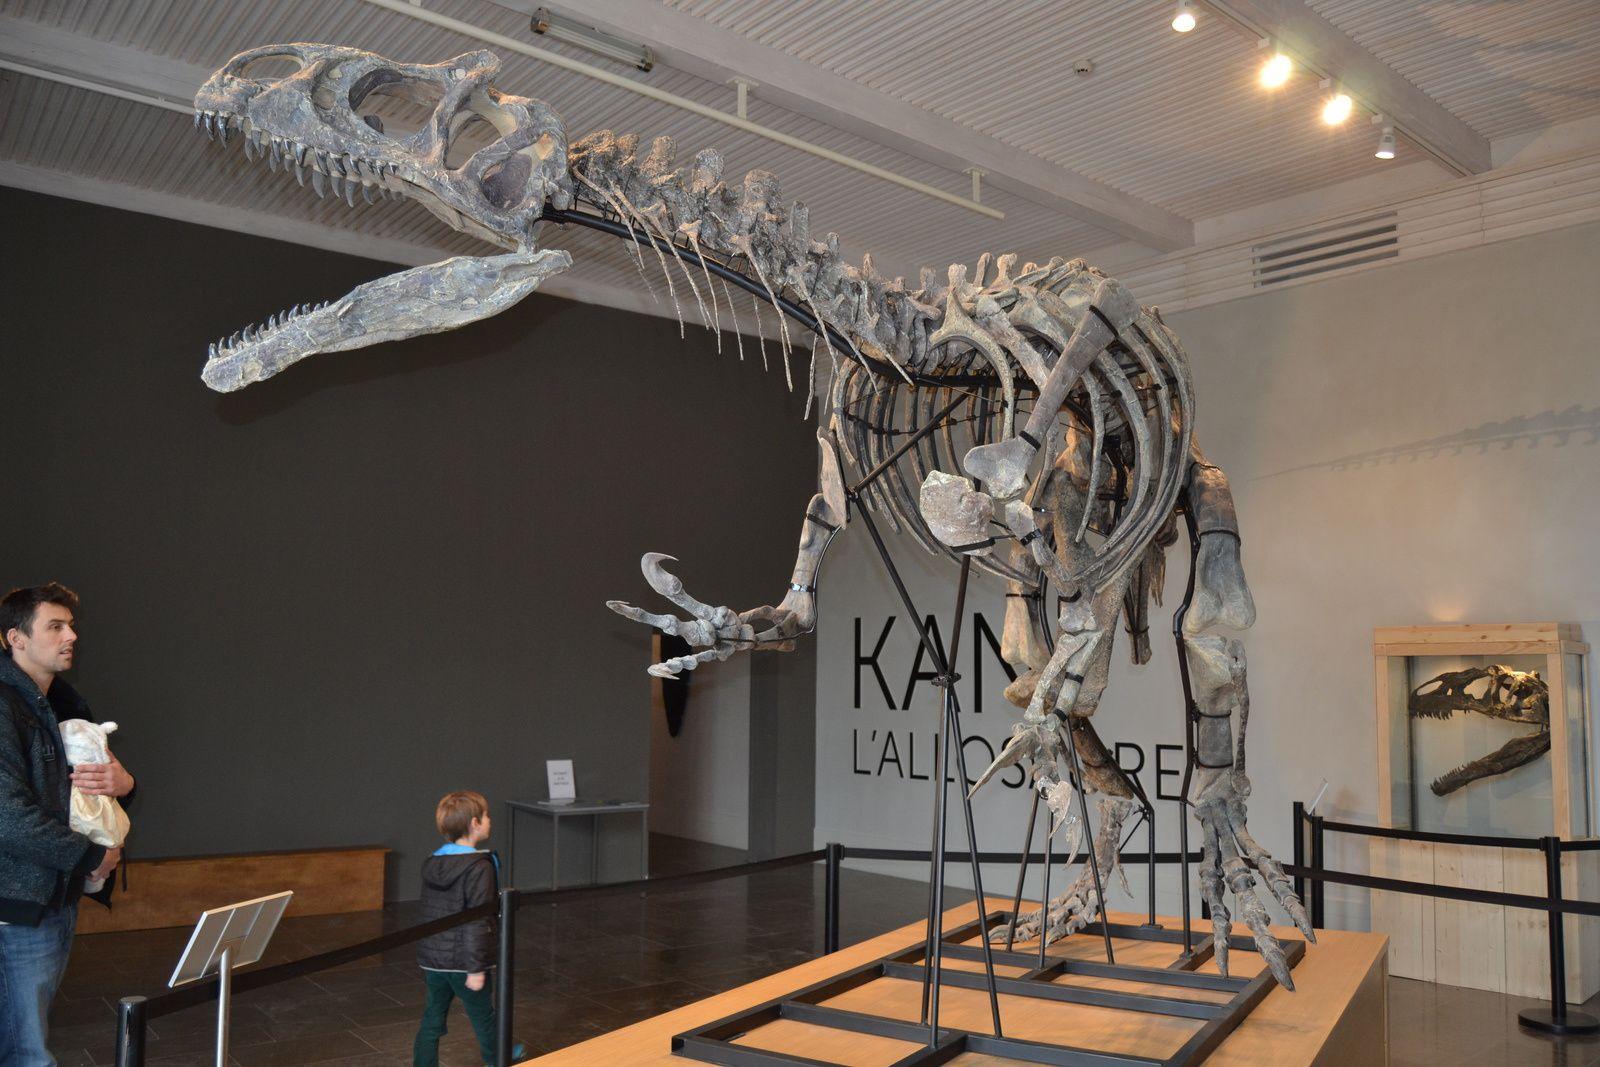 Les carnivores étaient, de plus, beaucoup moins nombreux que les herbivores. Les fossiles de dinosaures carnivores sont rarissimes parce qu'ils étaient, à l'époque, une minorité au sein d'espèces largement herbivores...